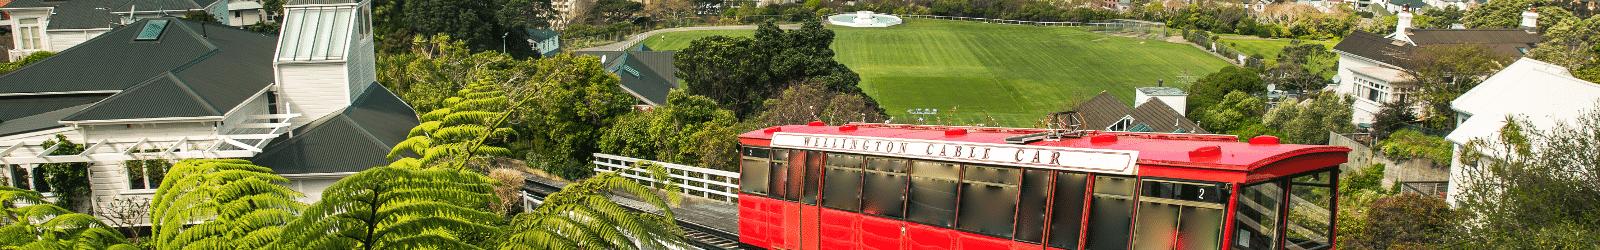 Le Wellington Cable Car est sans aucun doute le moyen le plus original de visiter la ville.